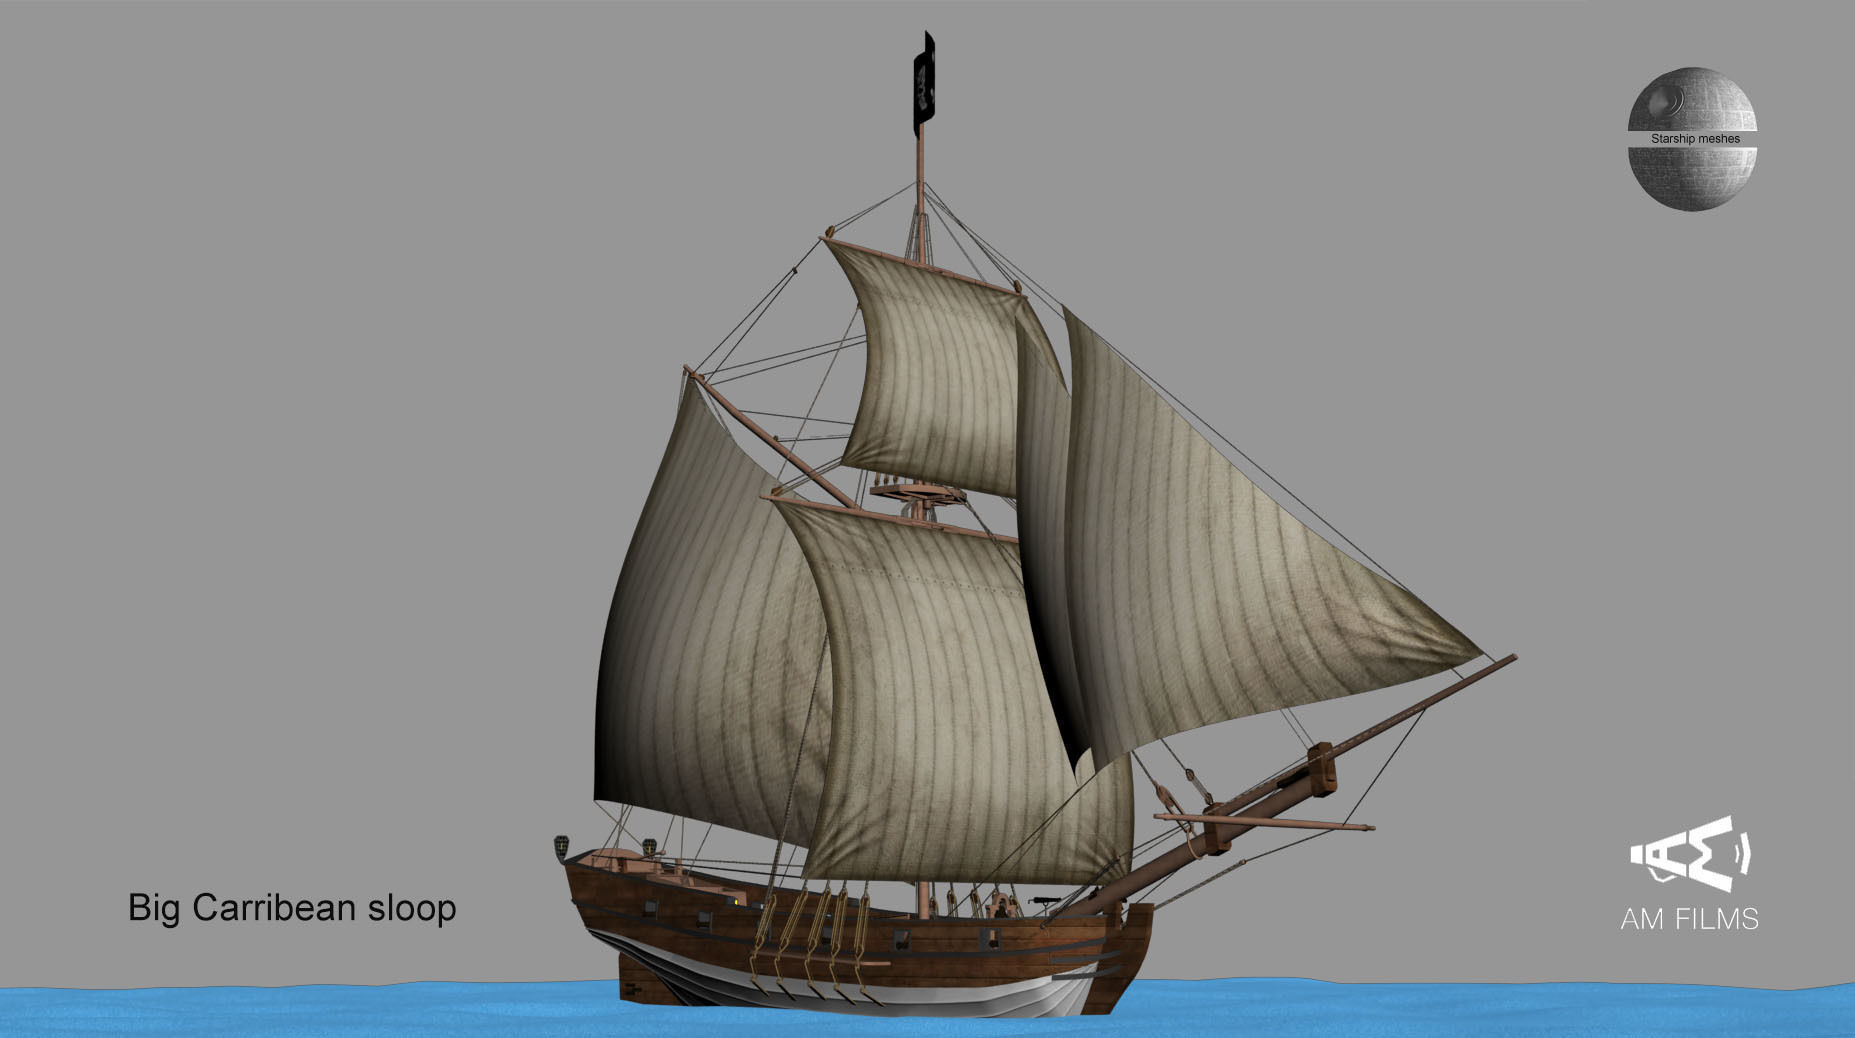 Big Carribbean sloop